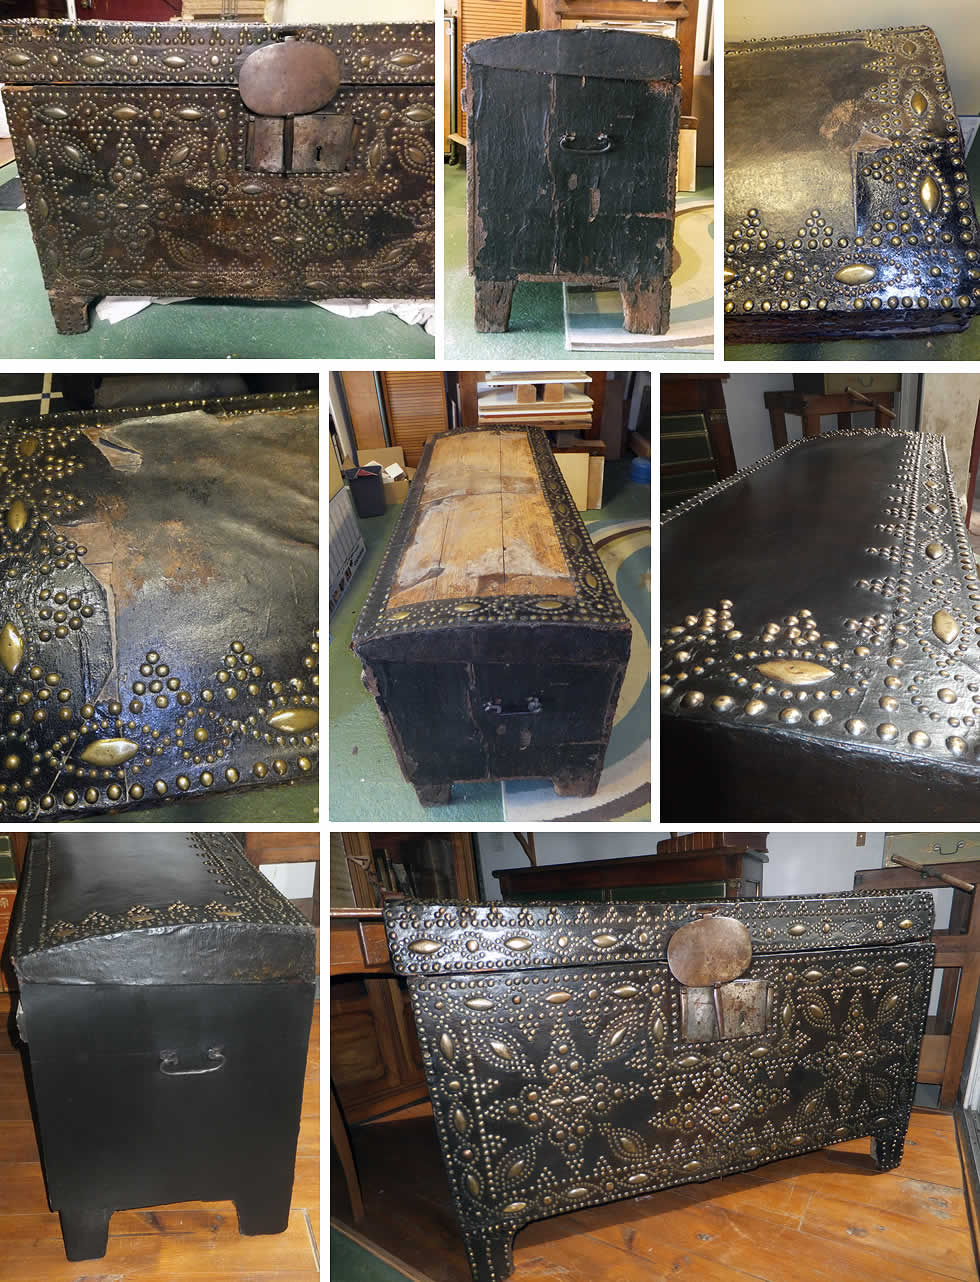 Les étapes de la restauration d'une malle du 17ème siècle